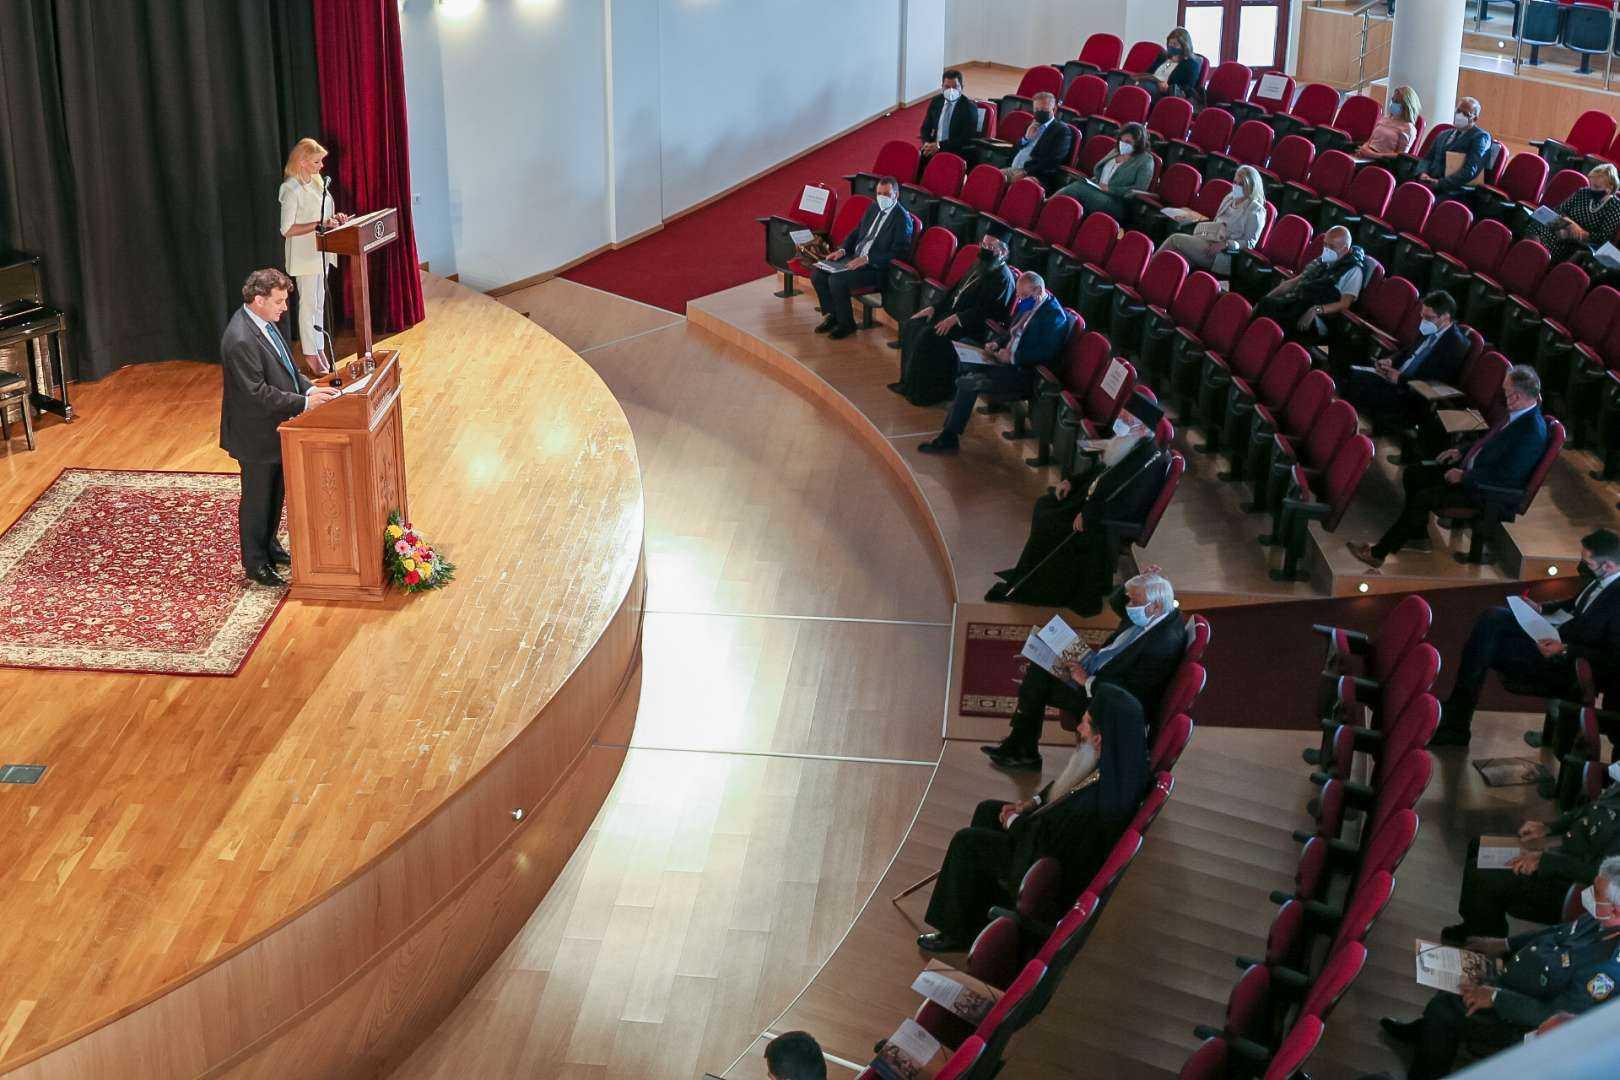 Με μεγάλη επιτυχία πραγματοποιήθηκε το Συνέδριο της Ι.Μ. Φθιώτιδος με ομιλητή τον κ. Προκόπιο Παυλόπουλο